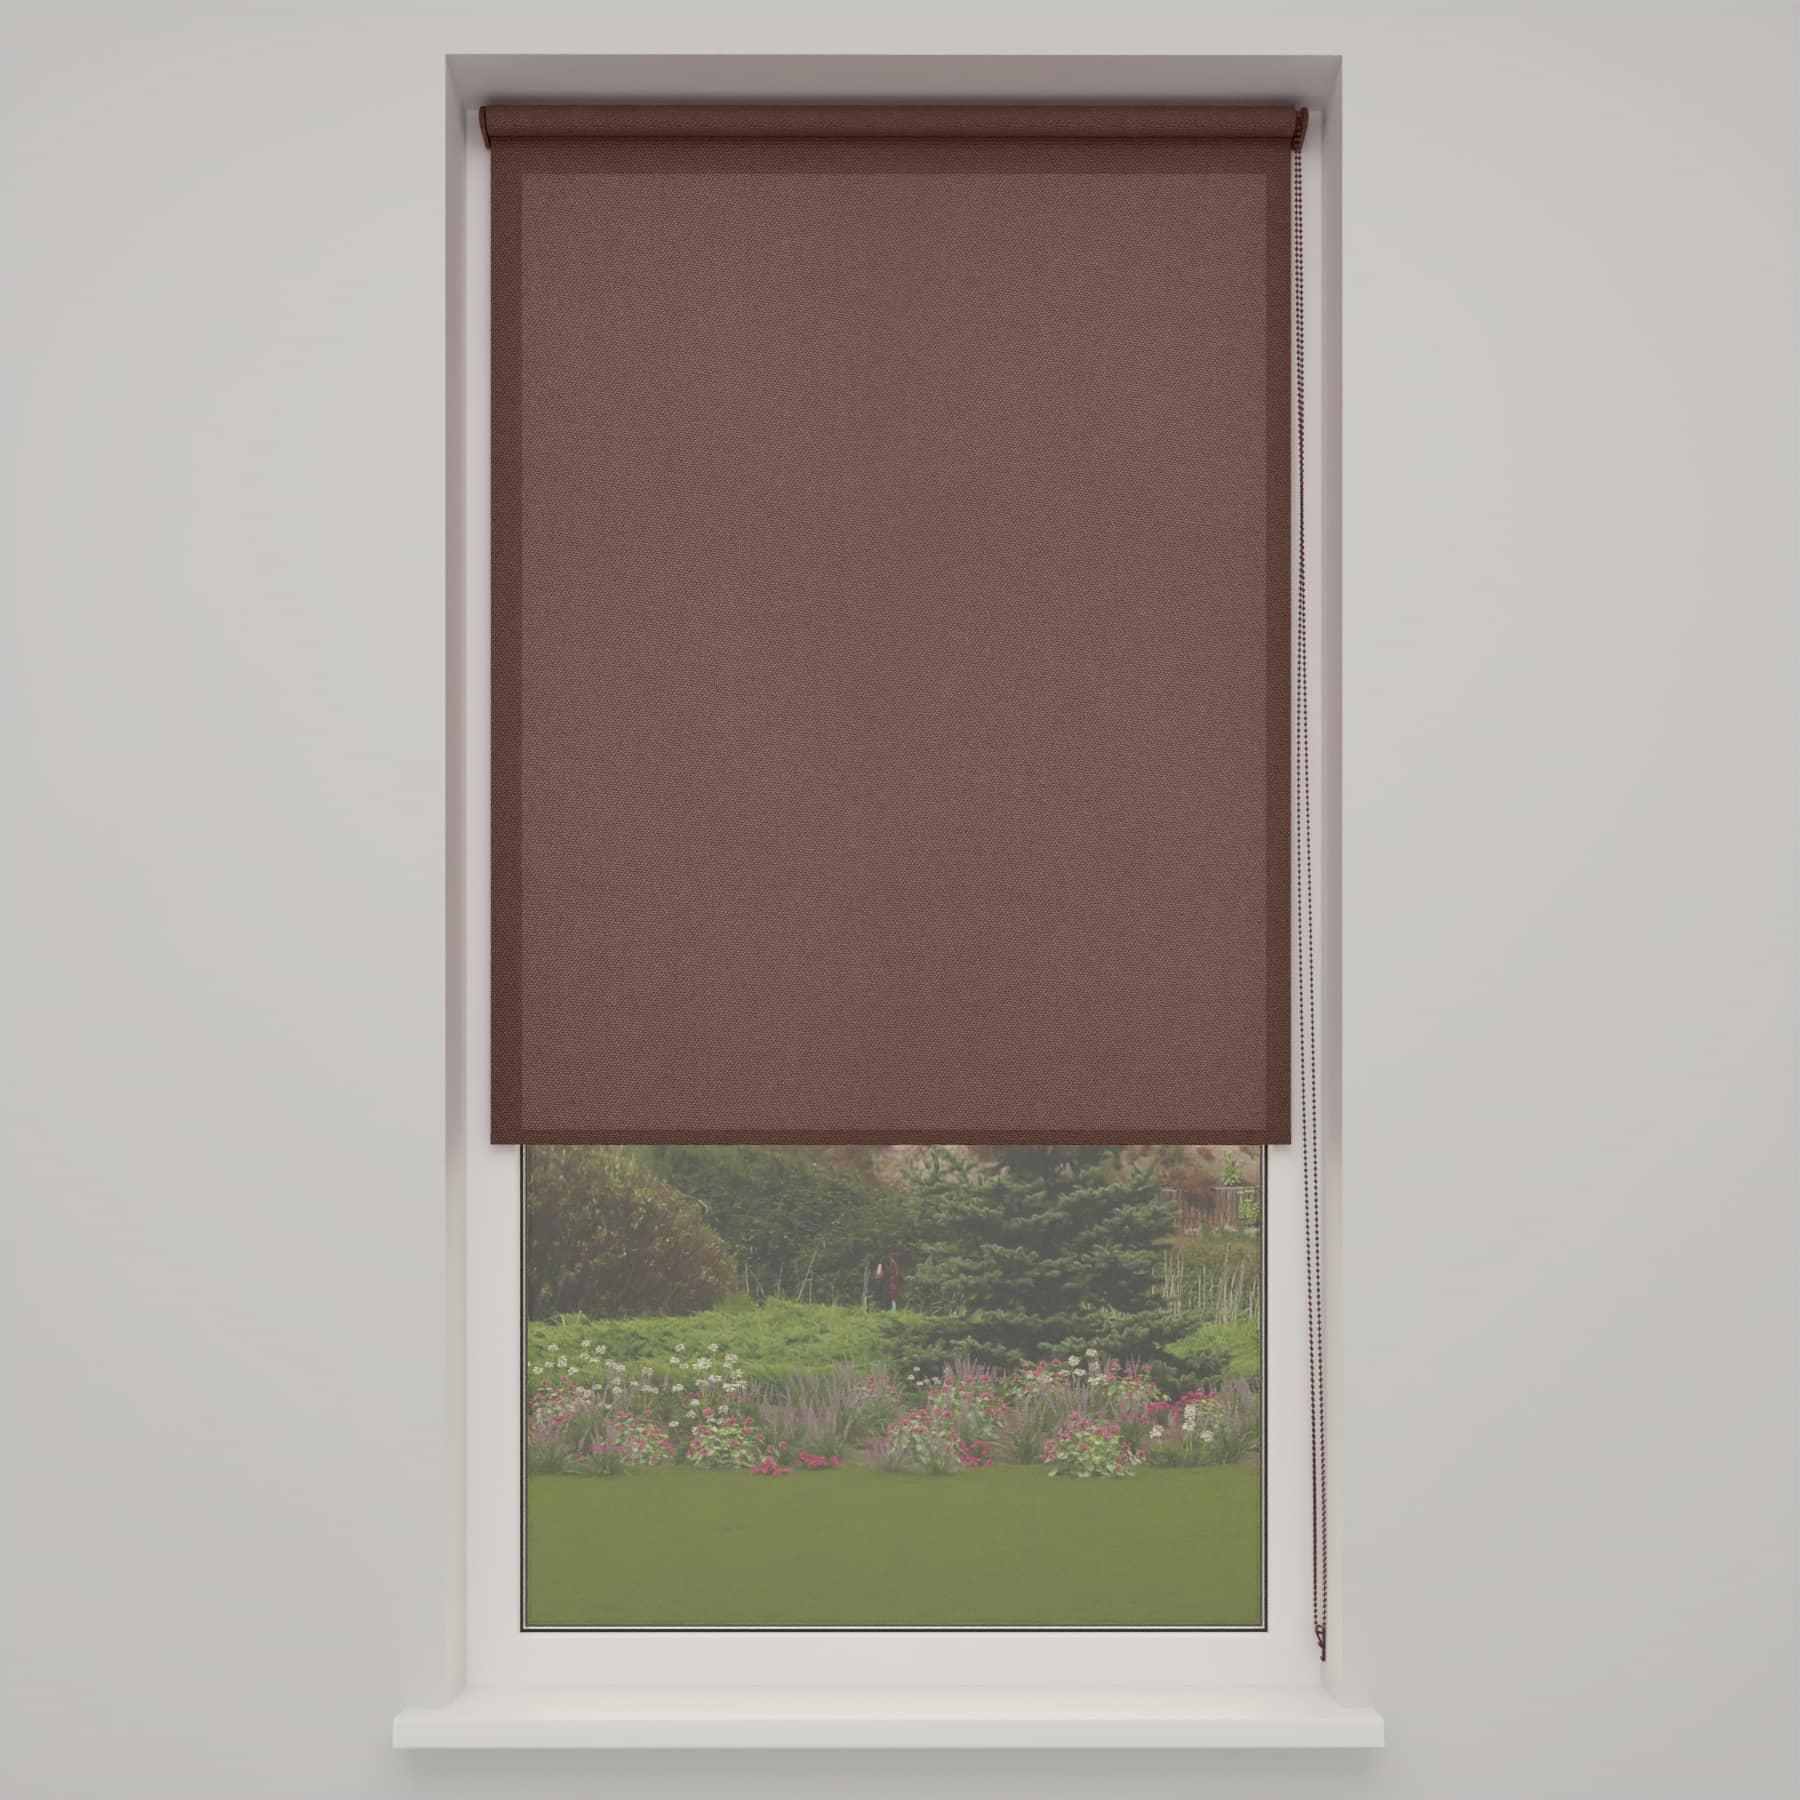 4goodz Rolgordijn Lichtdoorlatend Easy 90x180 cm - Taupe